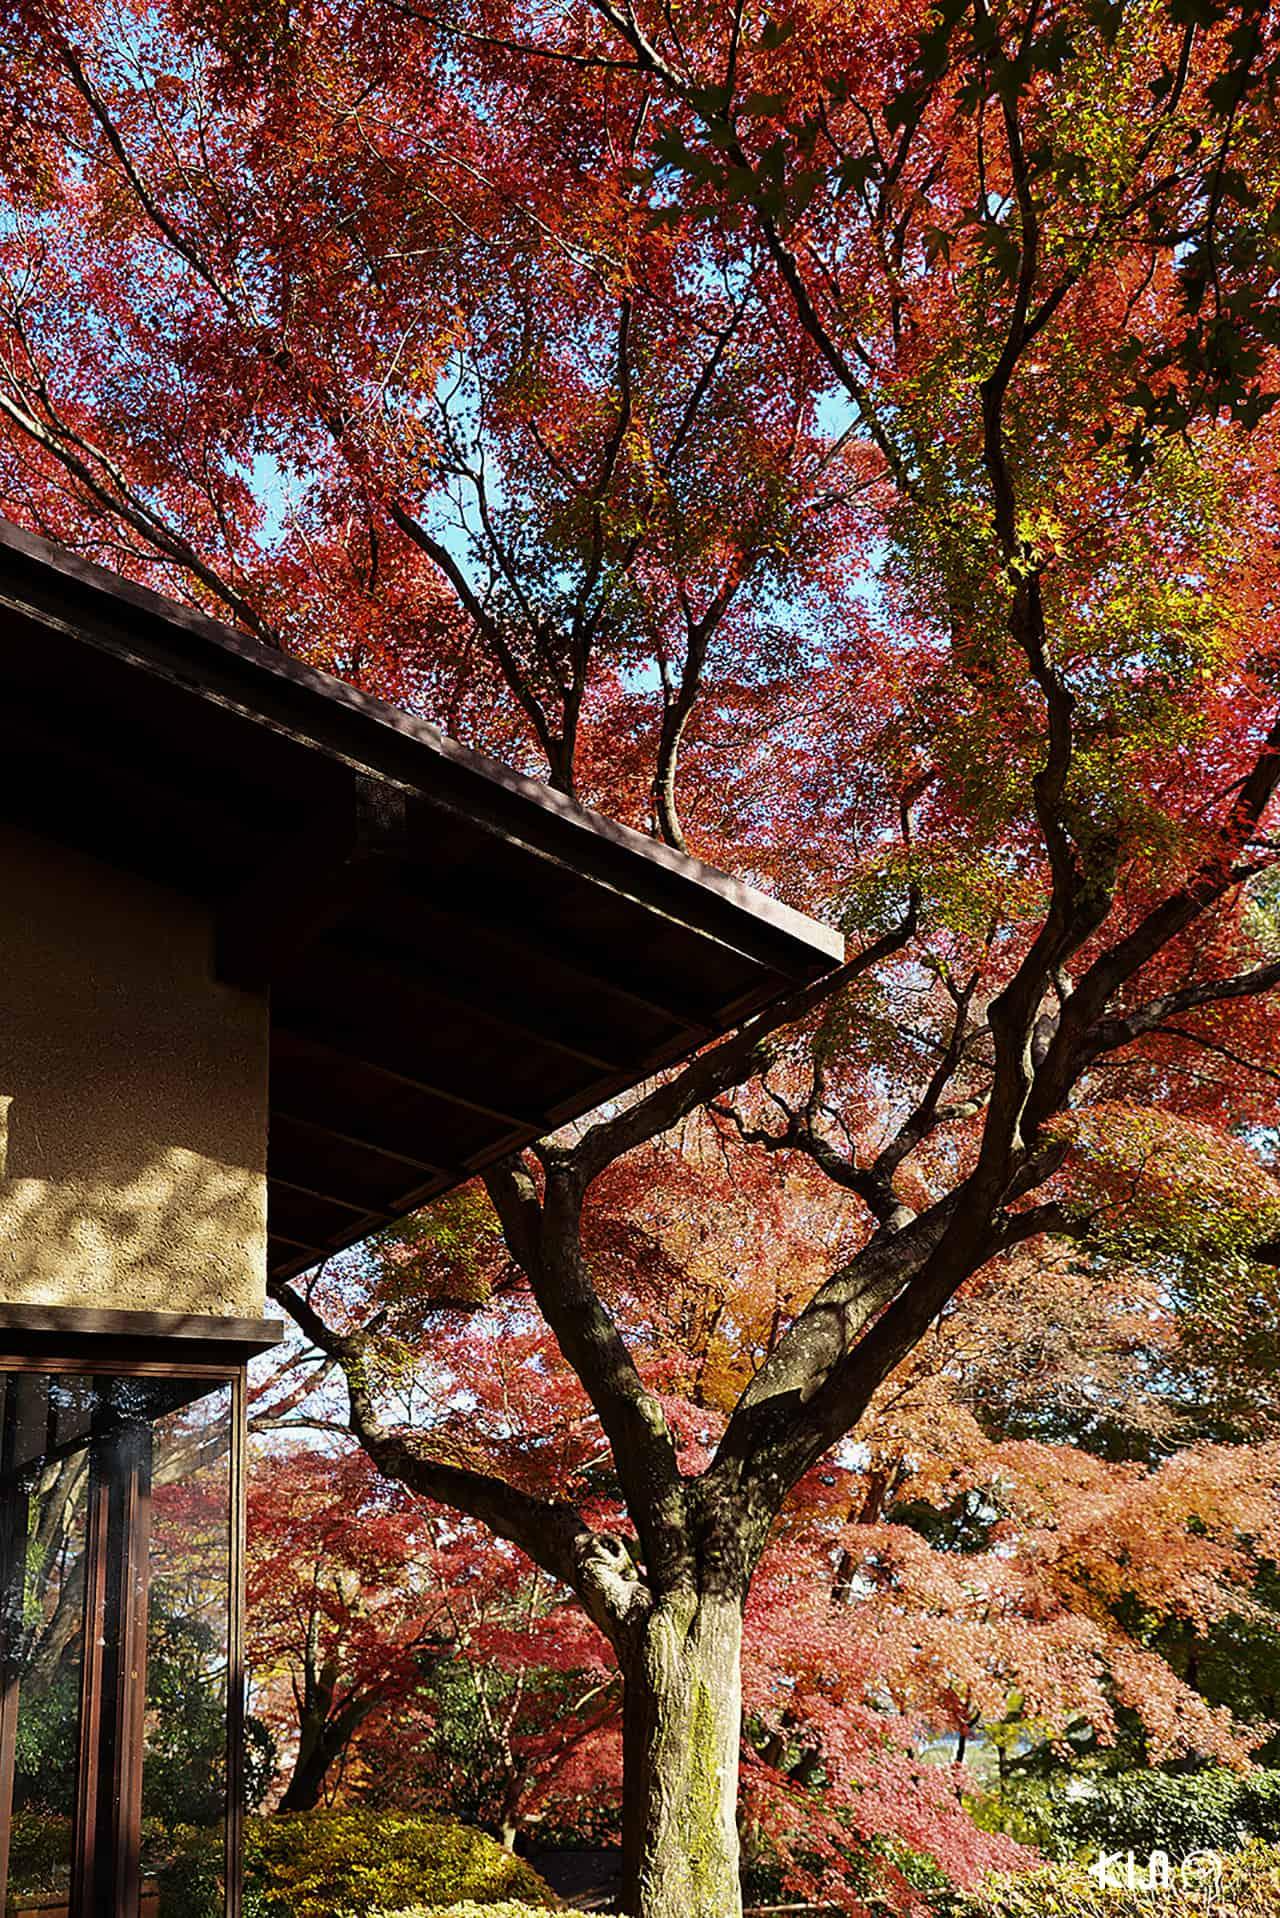 บ้านโชชิคุเคียว